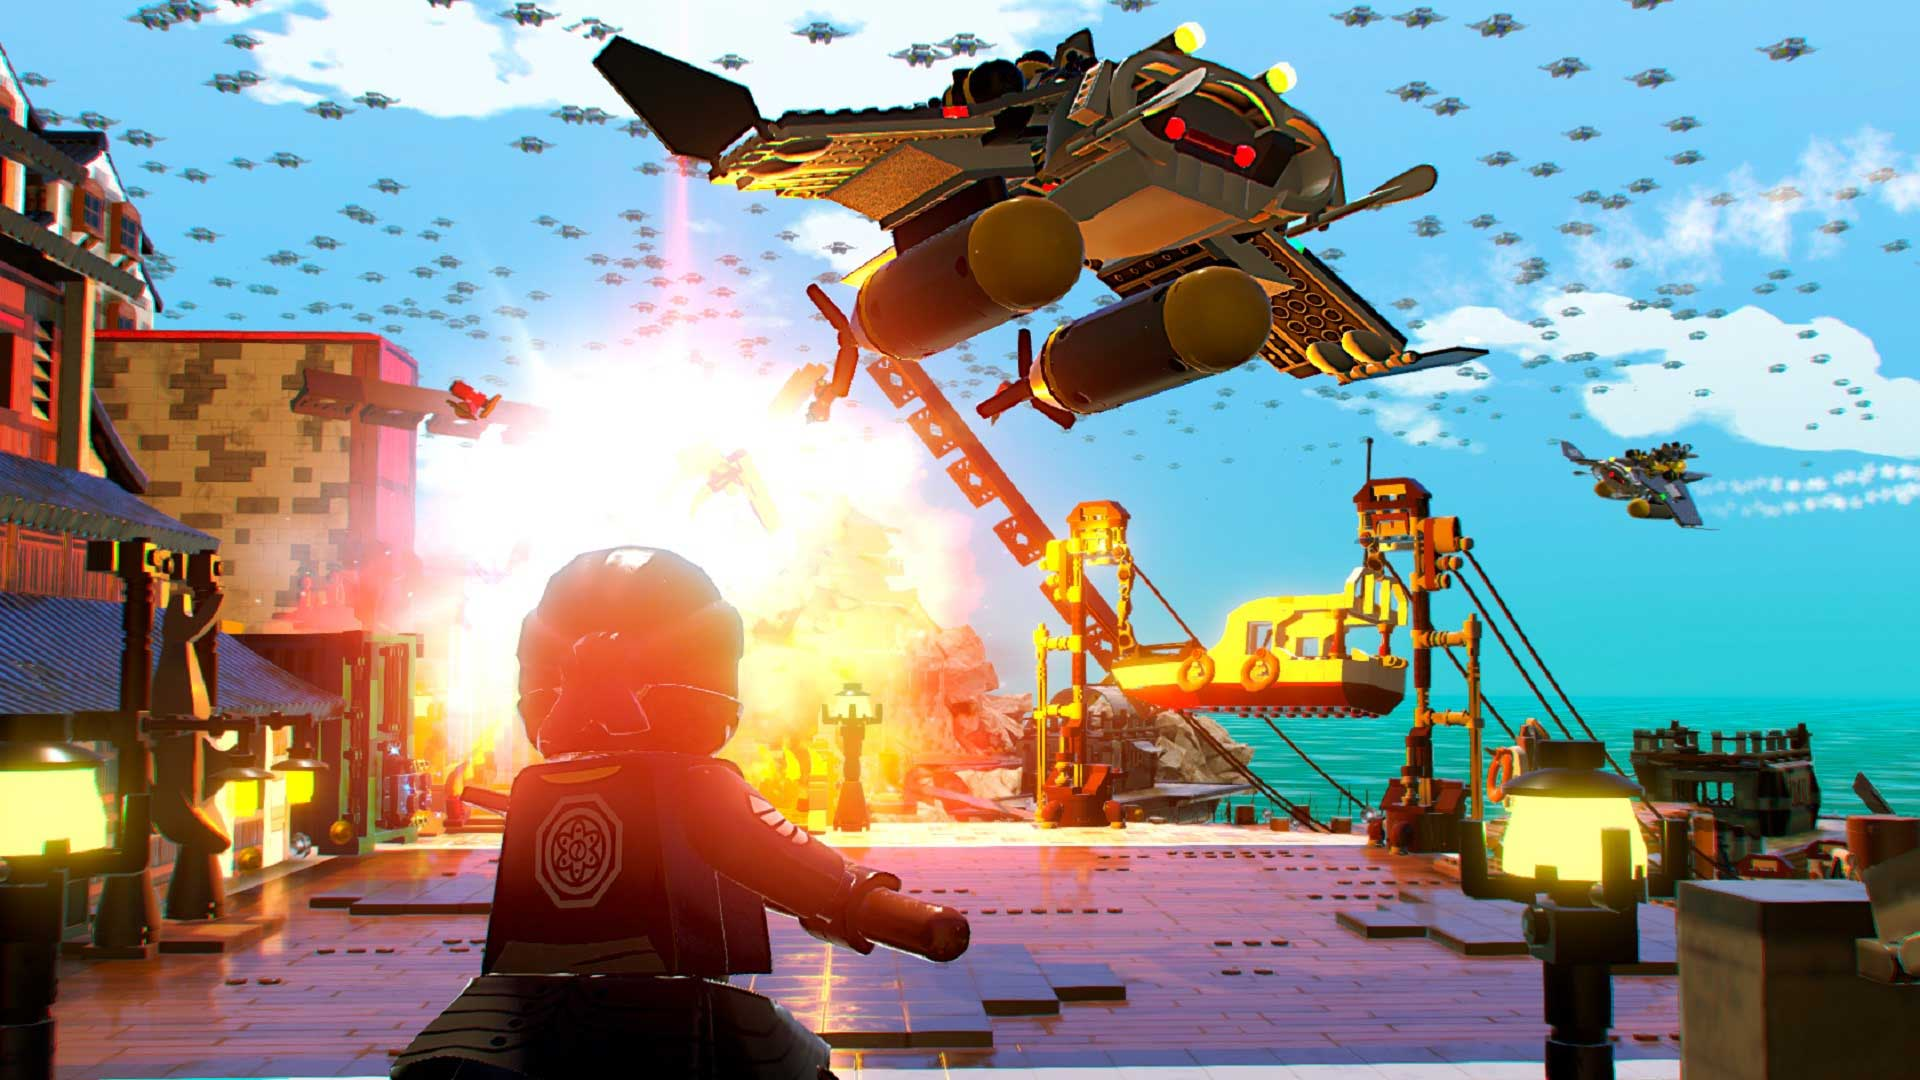 Vous aurez à mettre votre connaissance des arts martiaux à rude épreuve dans LEGO Ninjago, le film : le jeu vidéo